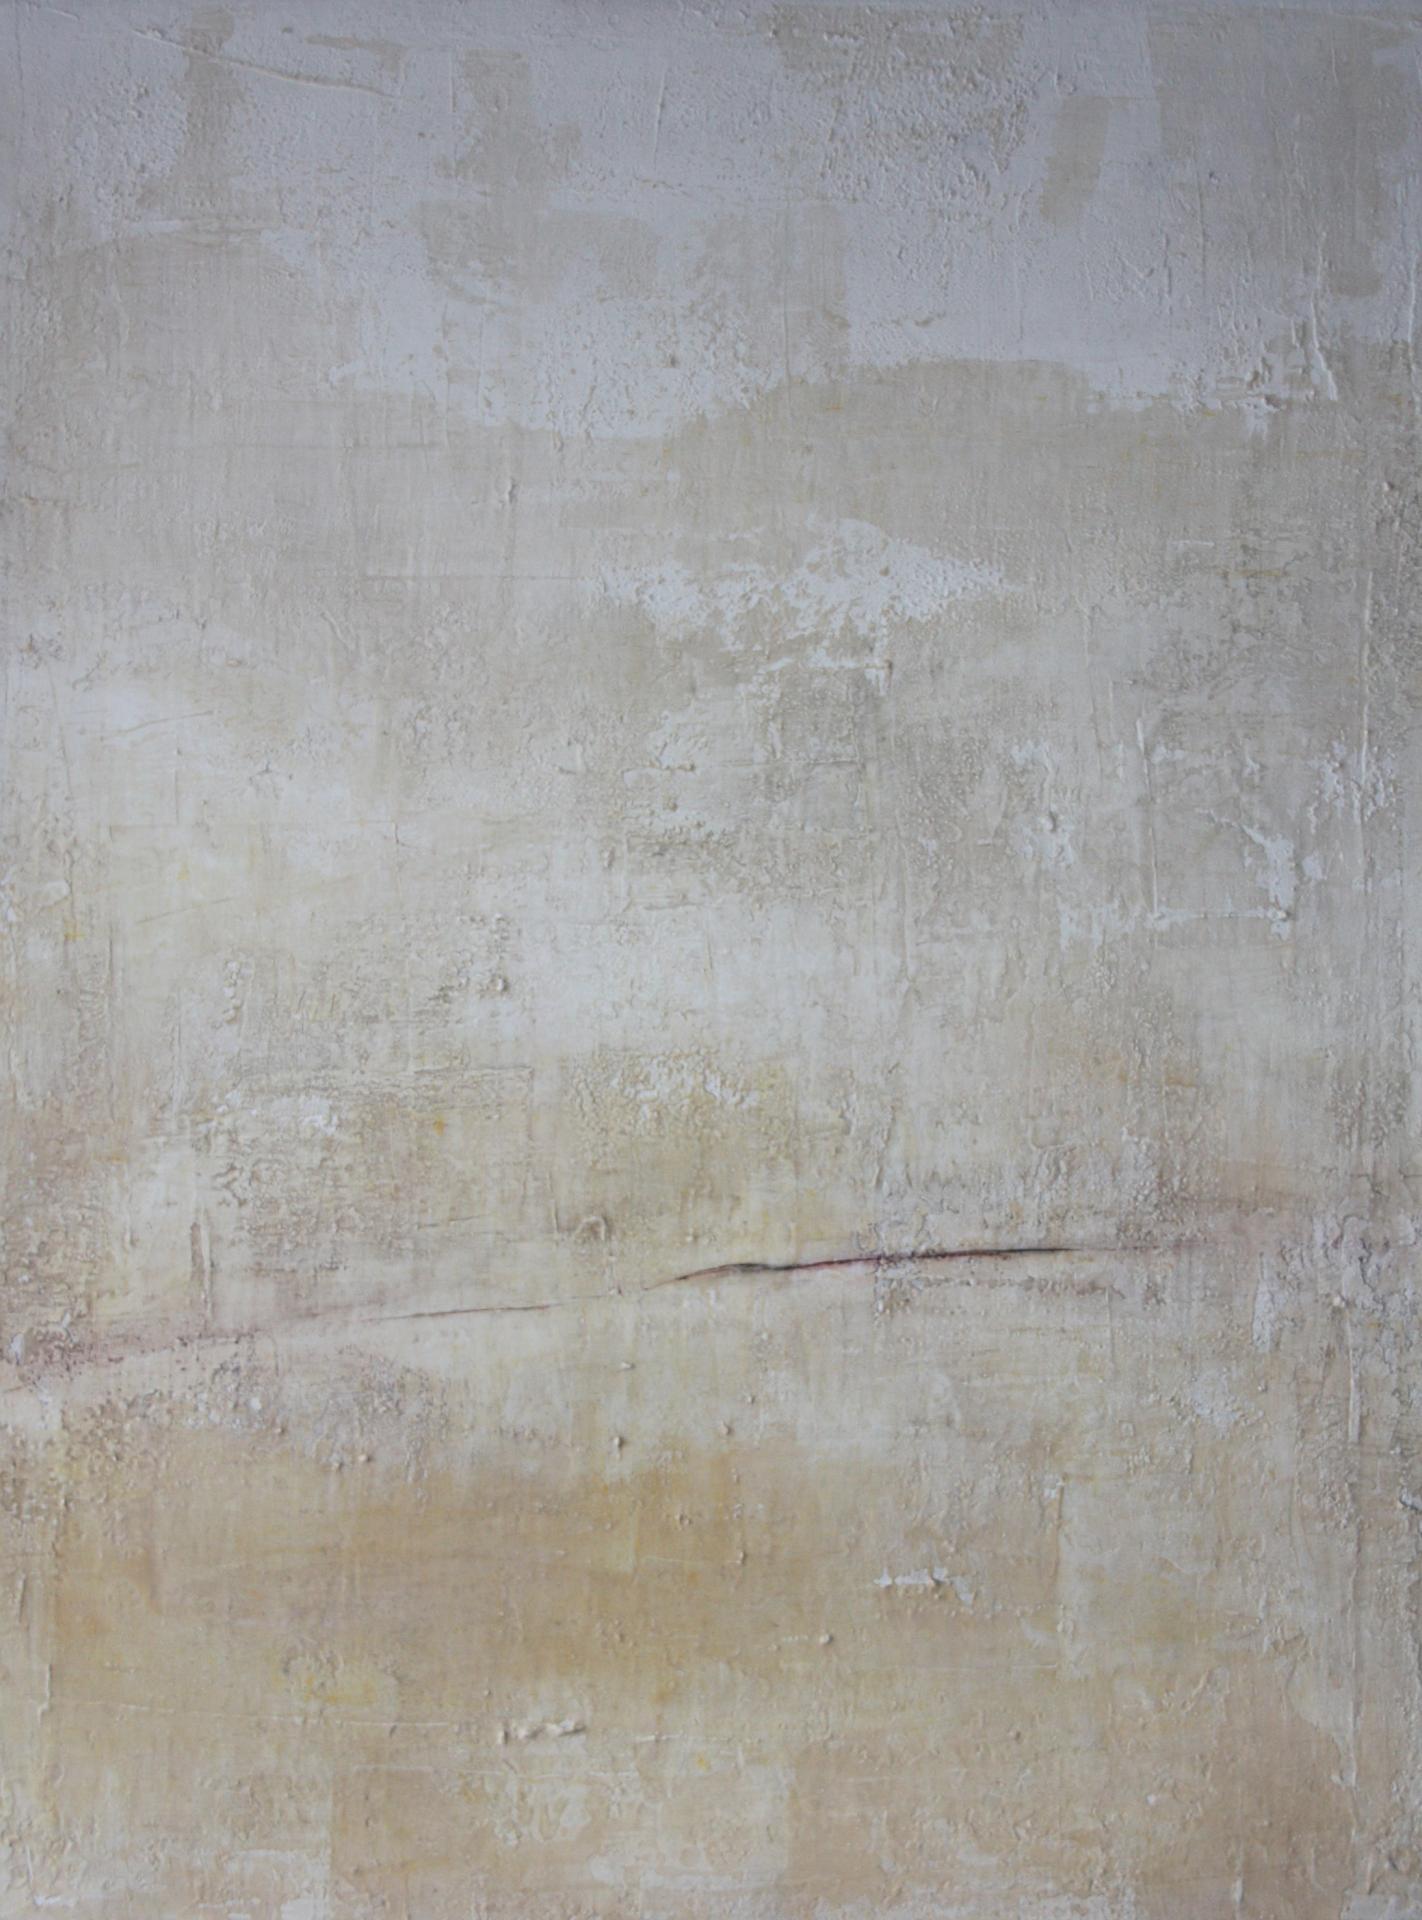 Sin título II-19. De la serie Paisajes Vacíos. (2019) - Mariano Luque Romero